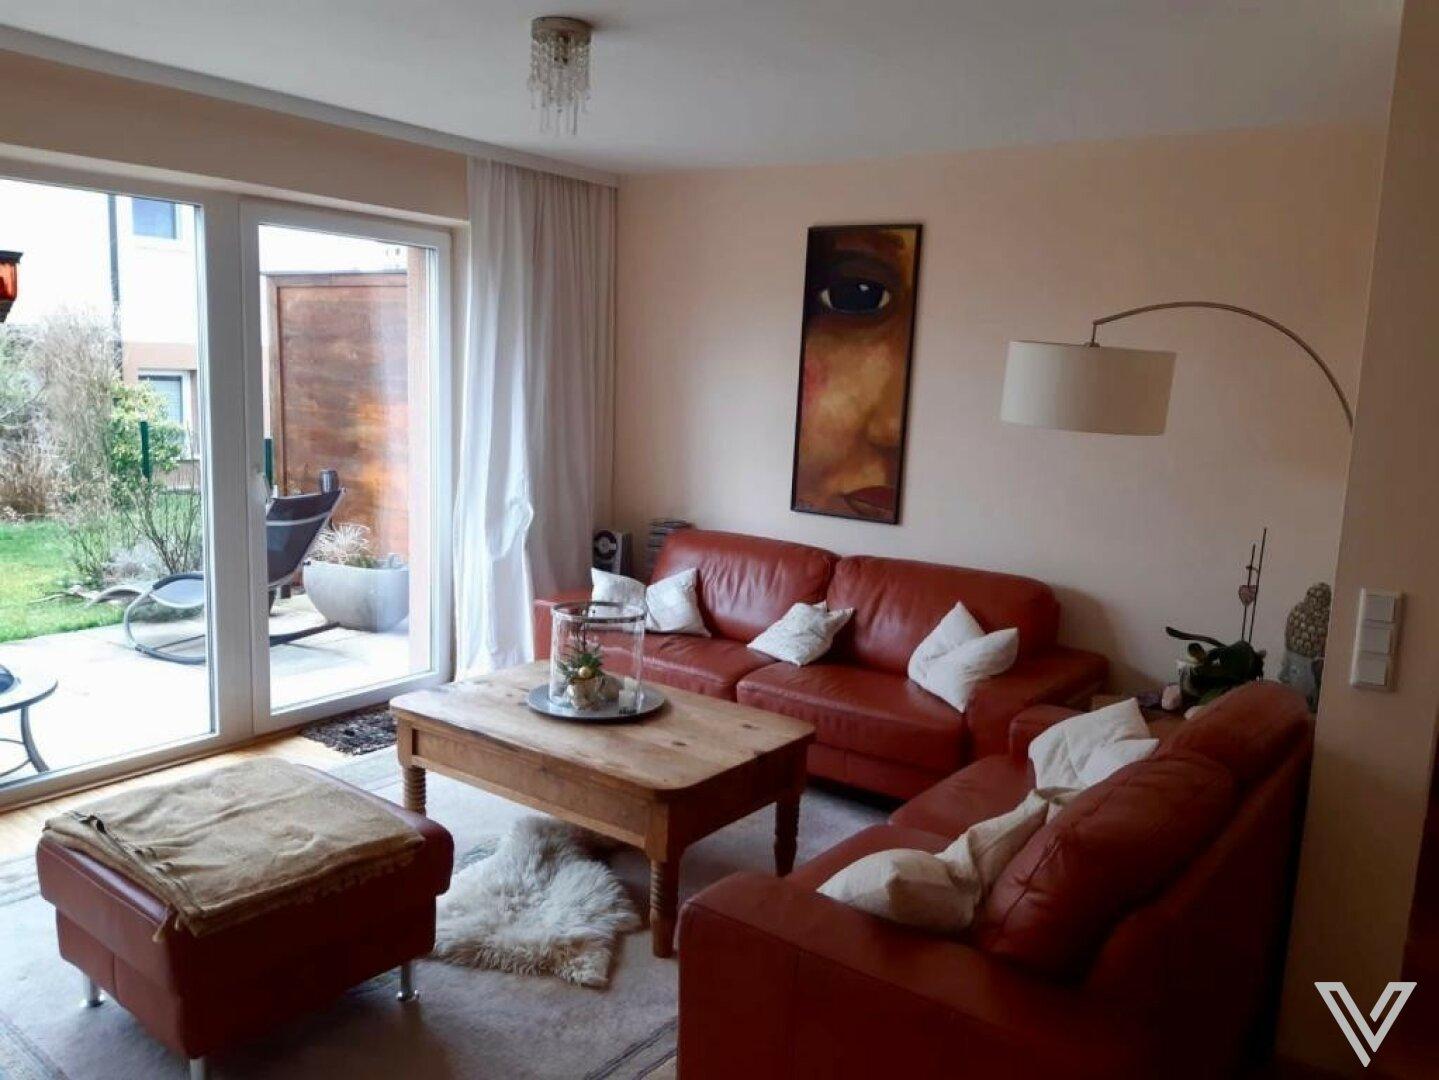 Wohnzimmer / Terrasse / Garten